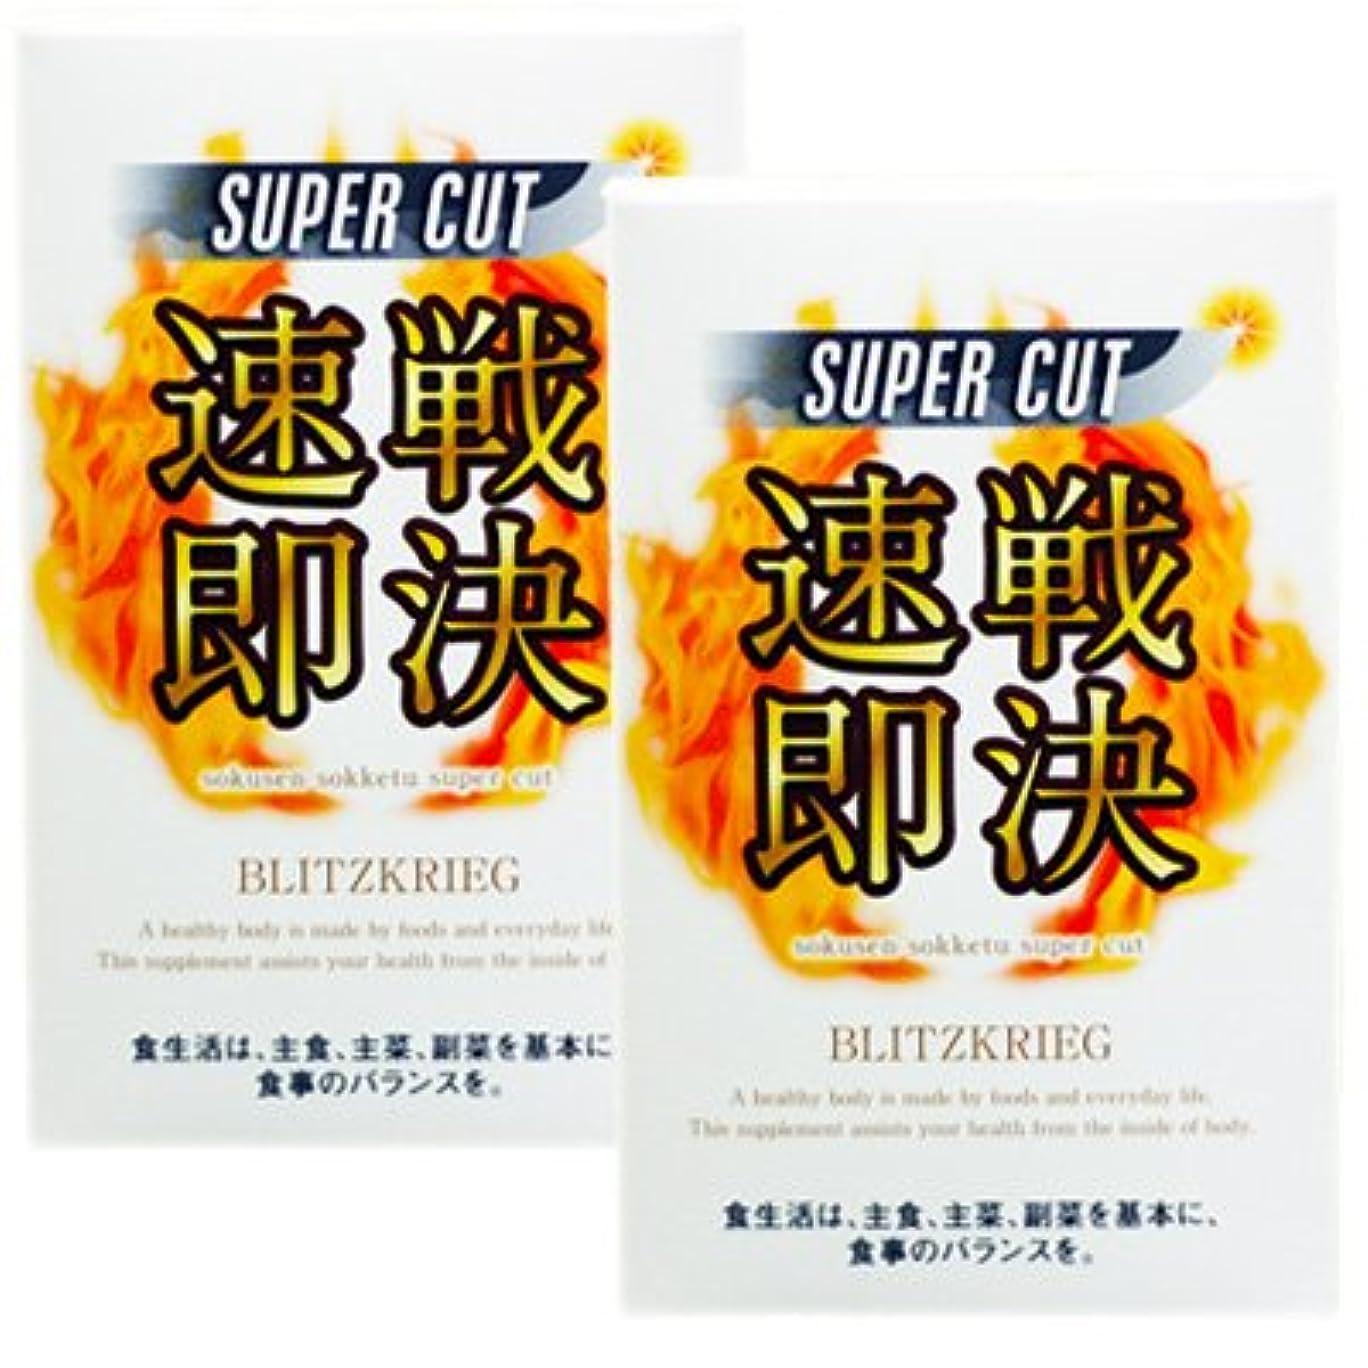 無しアルバニーモナリザ速戦即決 スーパーカット2個セット! そくせんそっけつ×2個 SUPER CUT